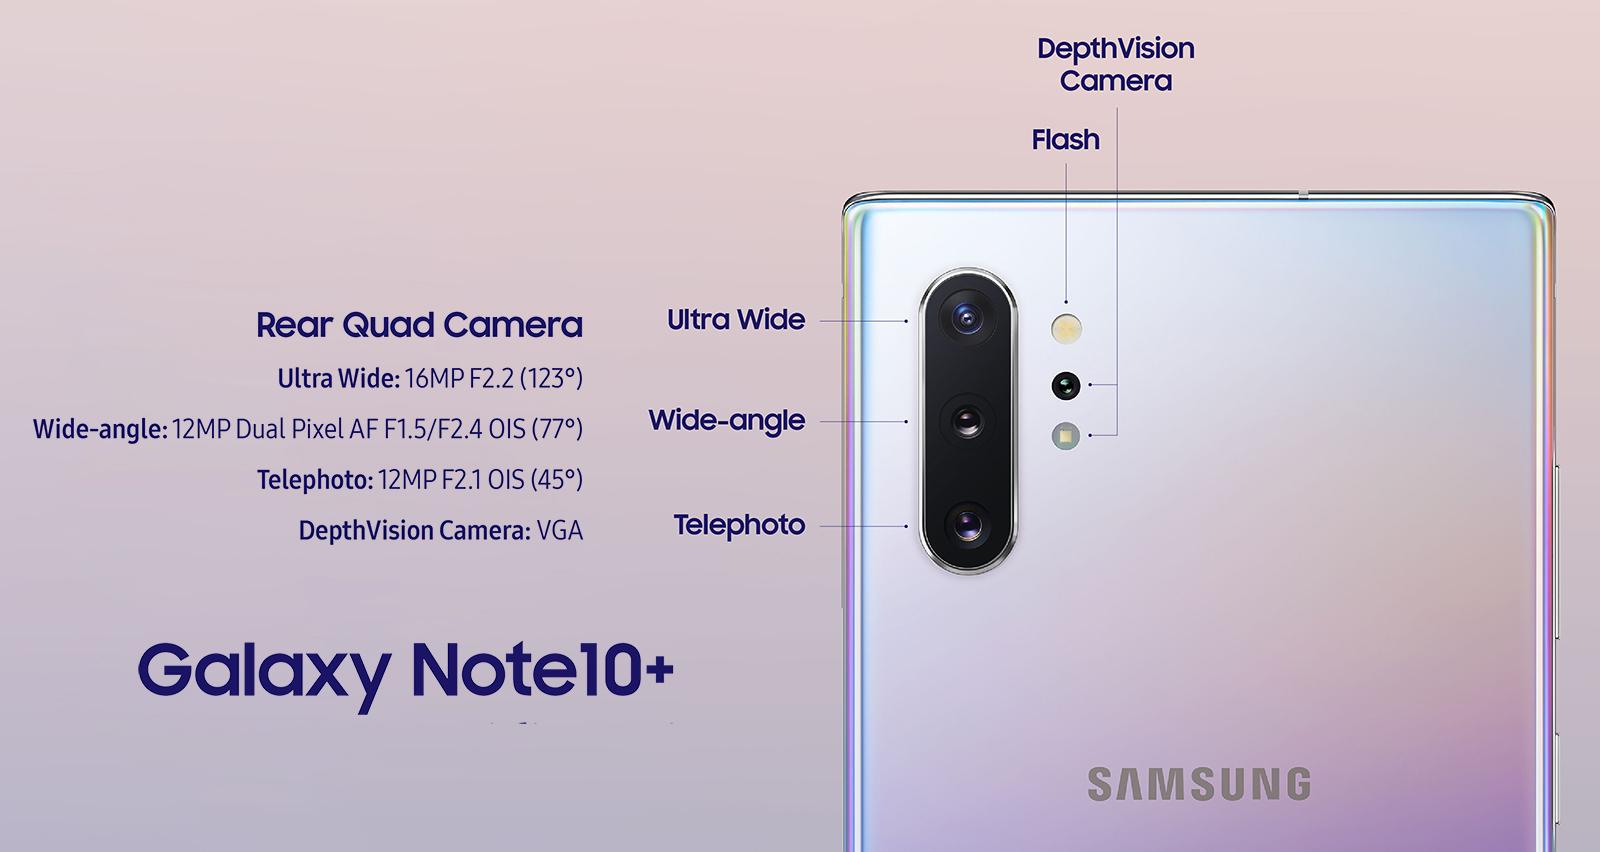 هاتف Samsung Galaxy Note 10 Plus يعتلي قمة أفضل الكاميرات الأمامية والخلفية